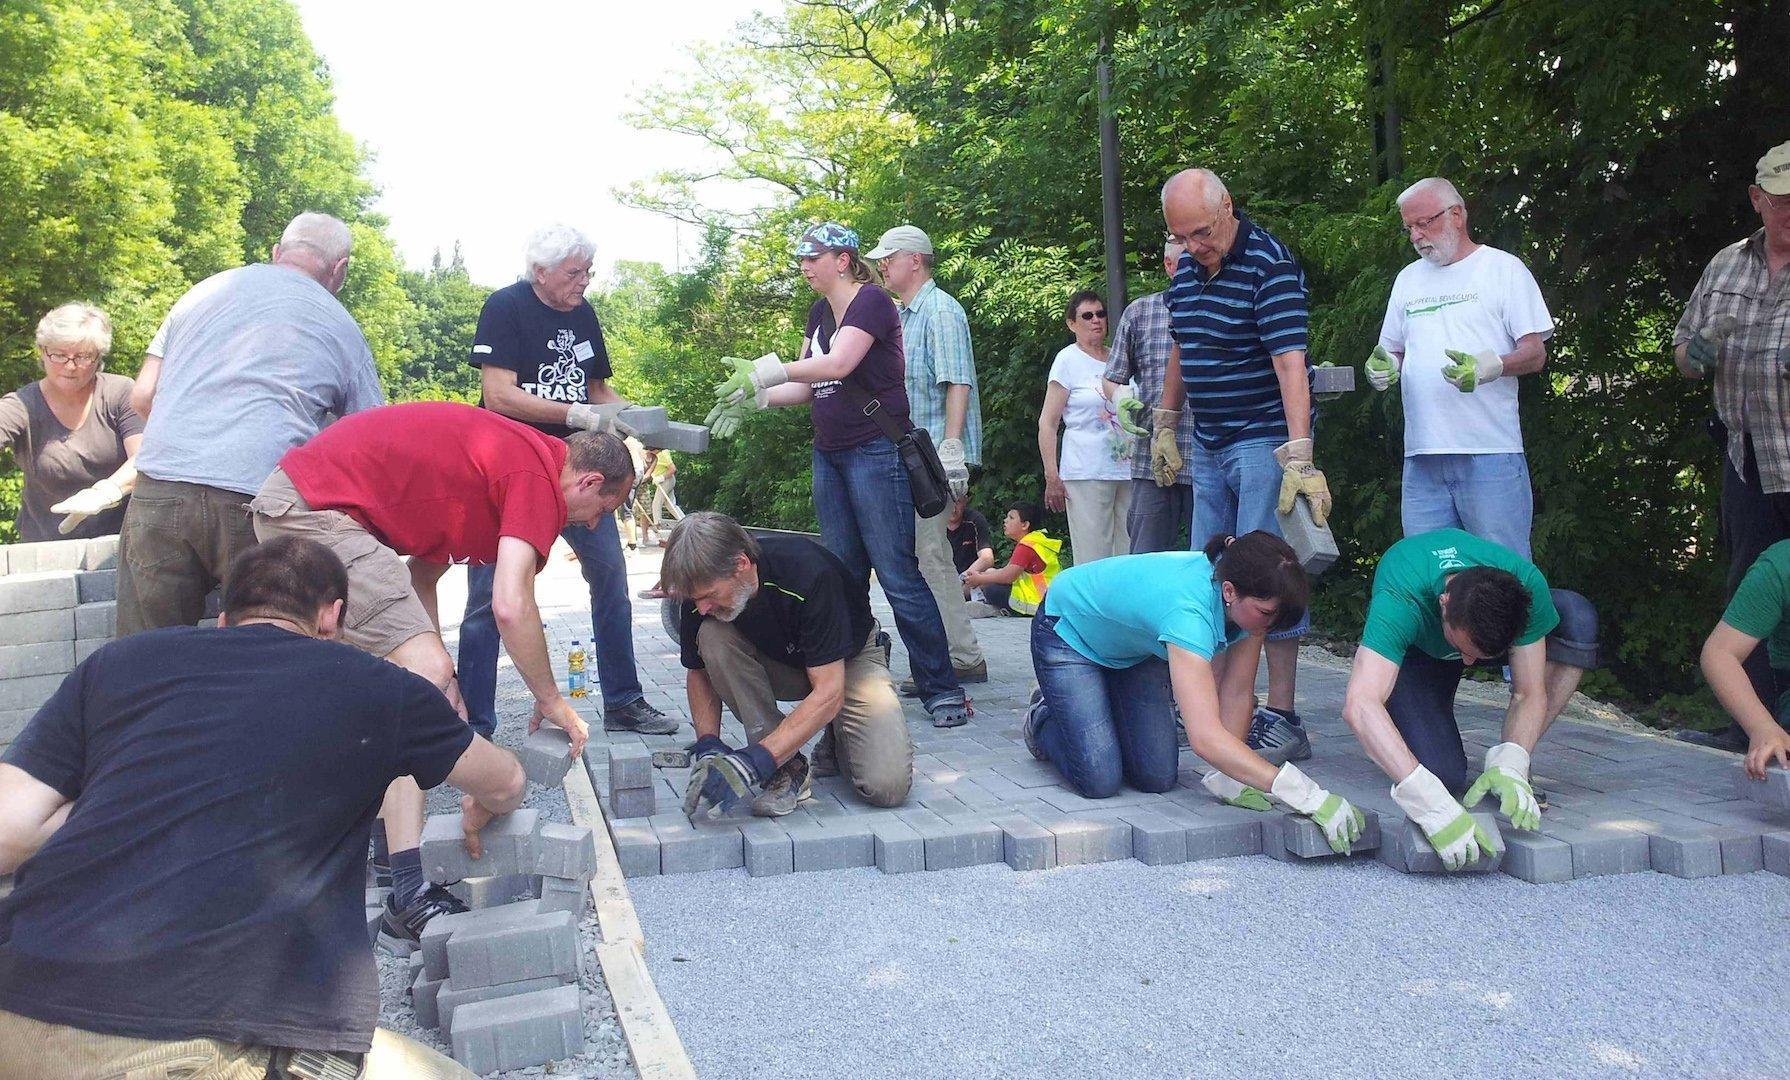 Eine Gruppe von mittelalten bis alten Menschen pflastern gemeinsam einen Weg.